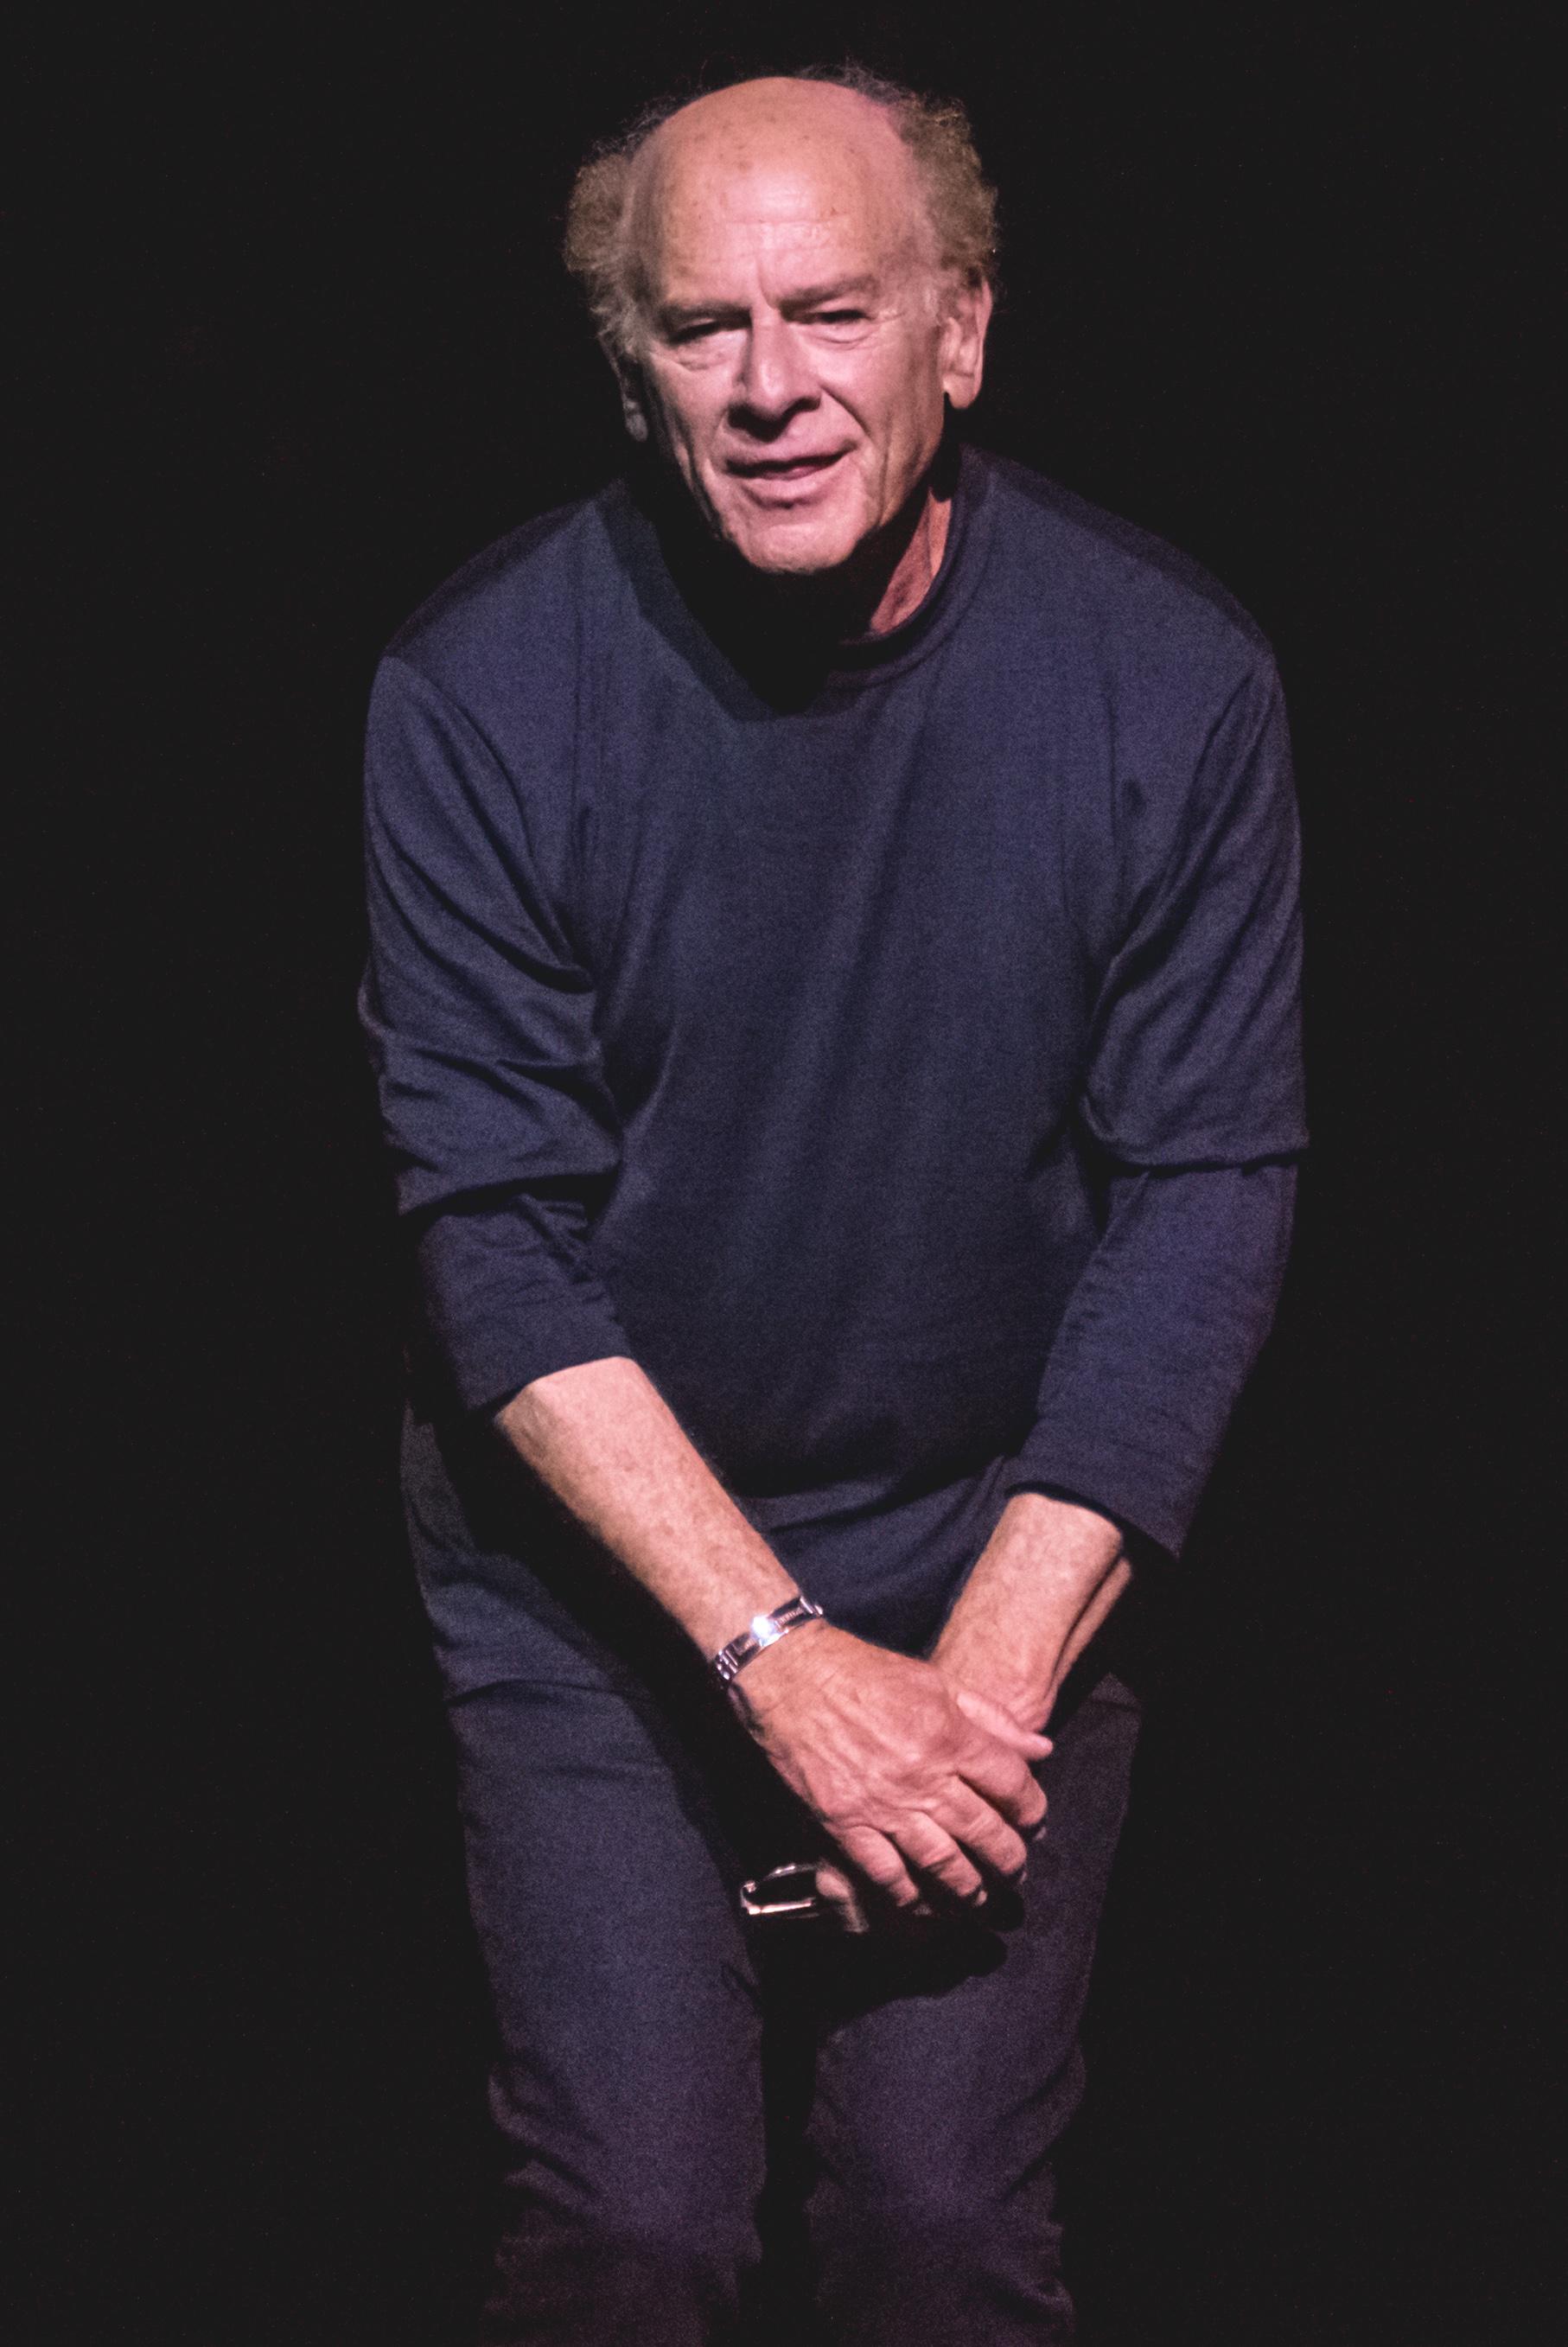 f9660f71522 Art Garfunkel - Wikipedia